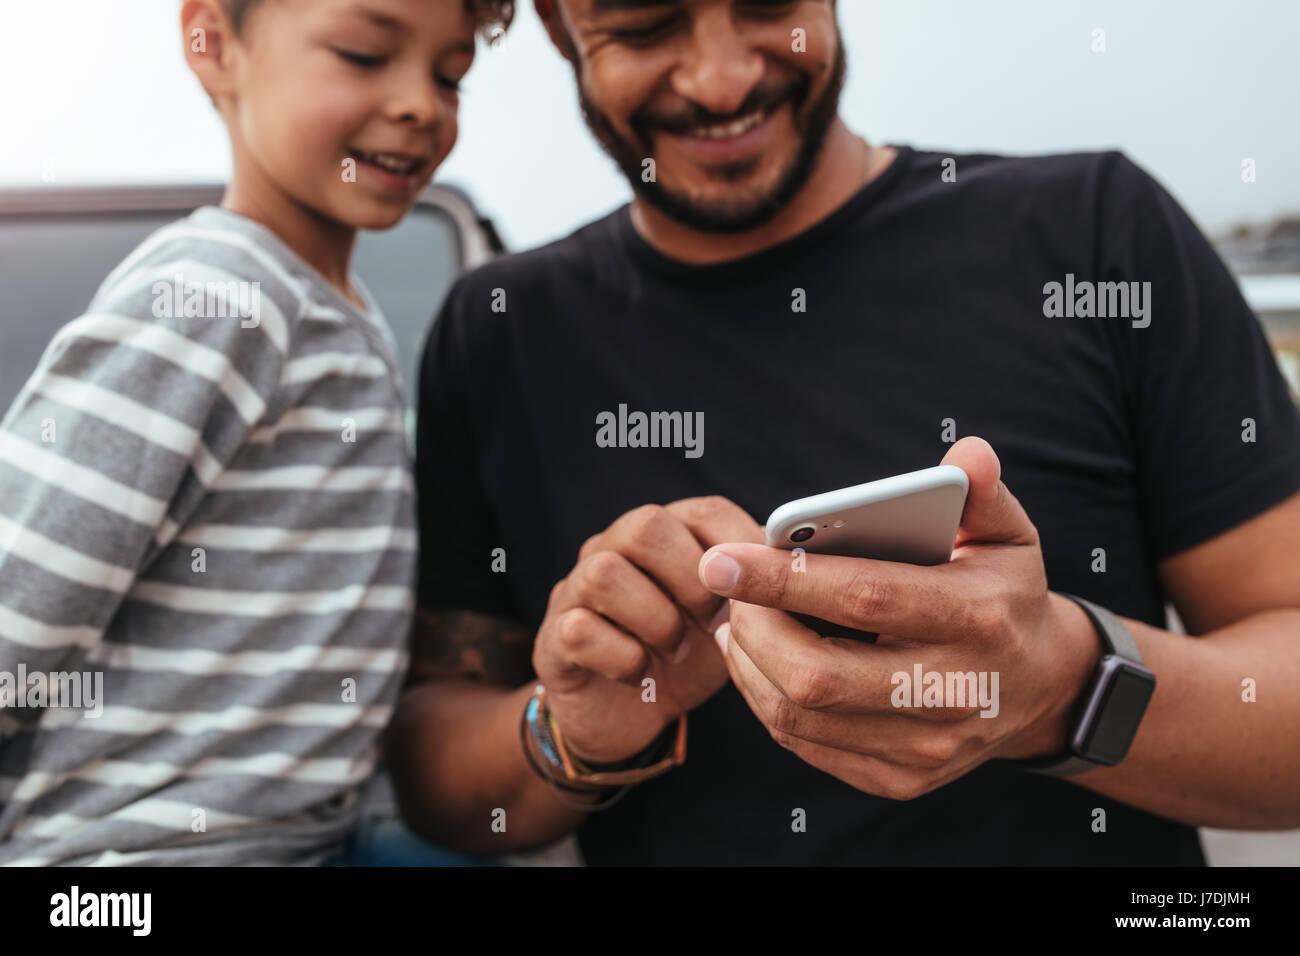 Cerca de feliz padre e hijo en la parte delantera del coche mirando el teléfono móvil. Joven y Little Imagen De Stock